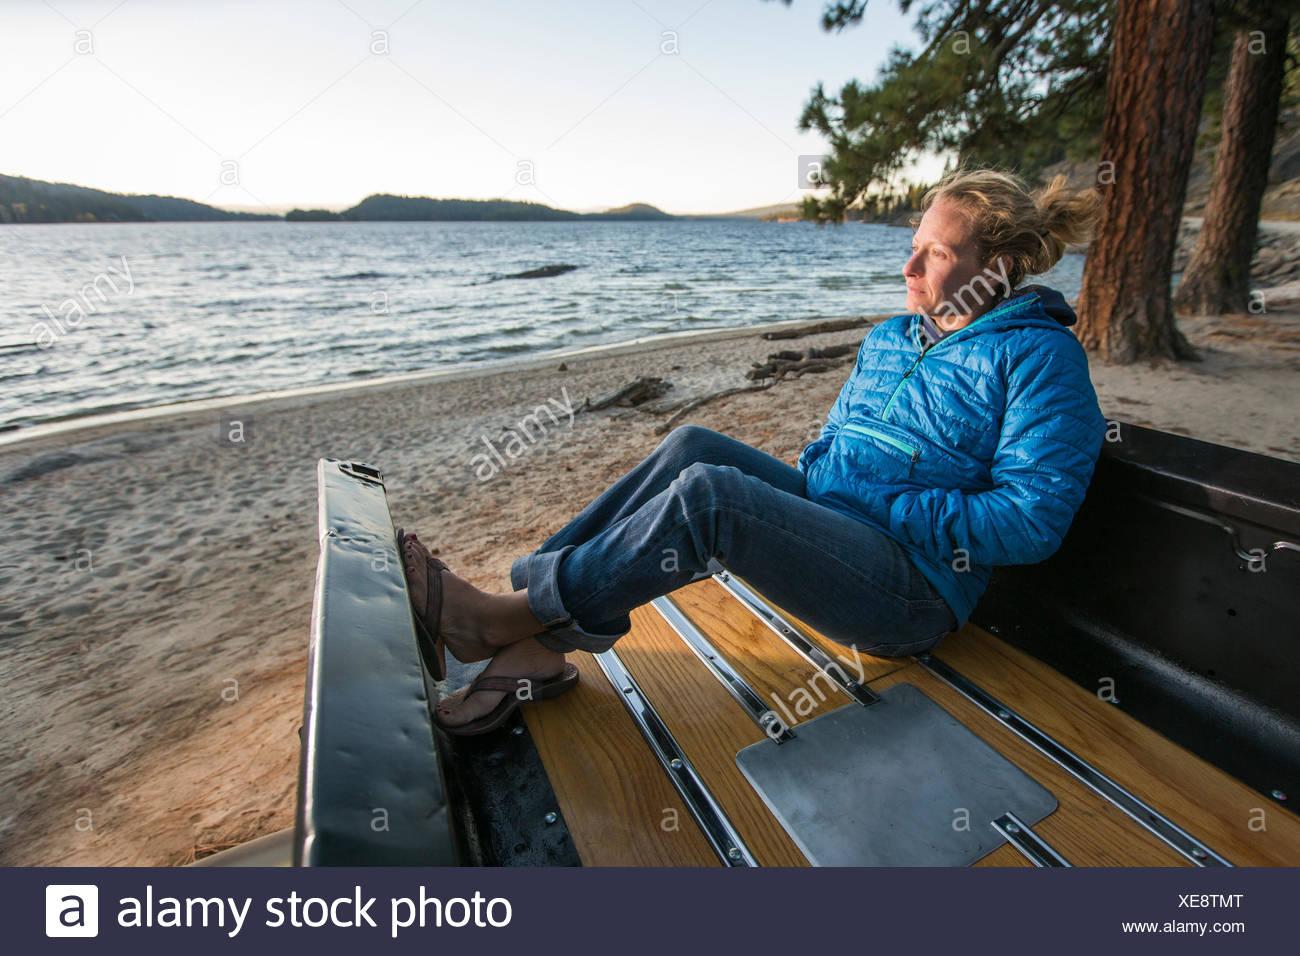 Mujer sentada en un renovado camión viendo el atardecer, payette lago, mccall, Idaho, EE.UU. Imagen De Stock